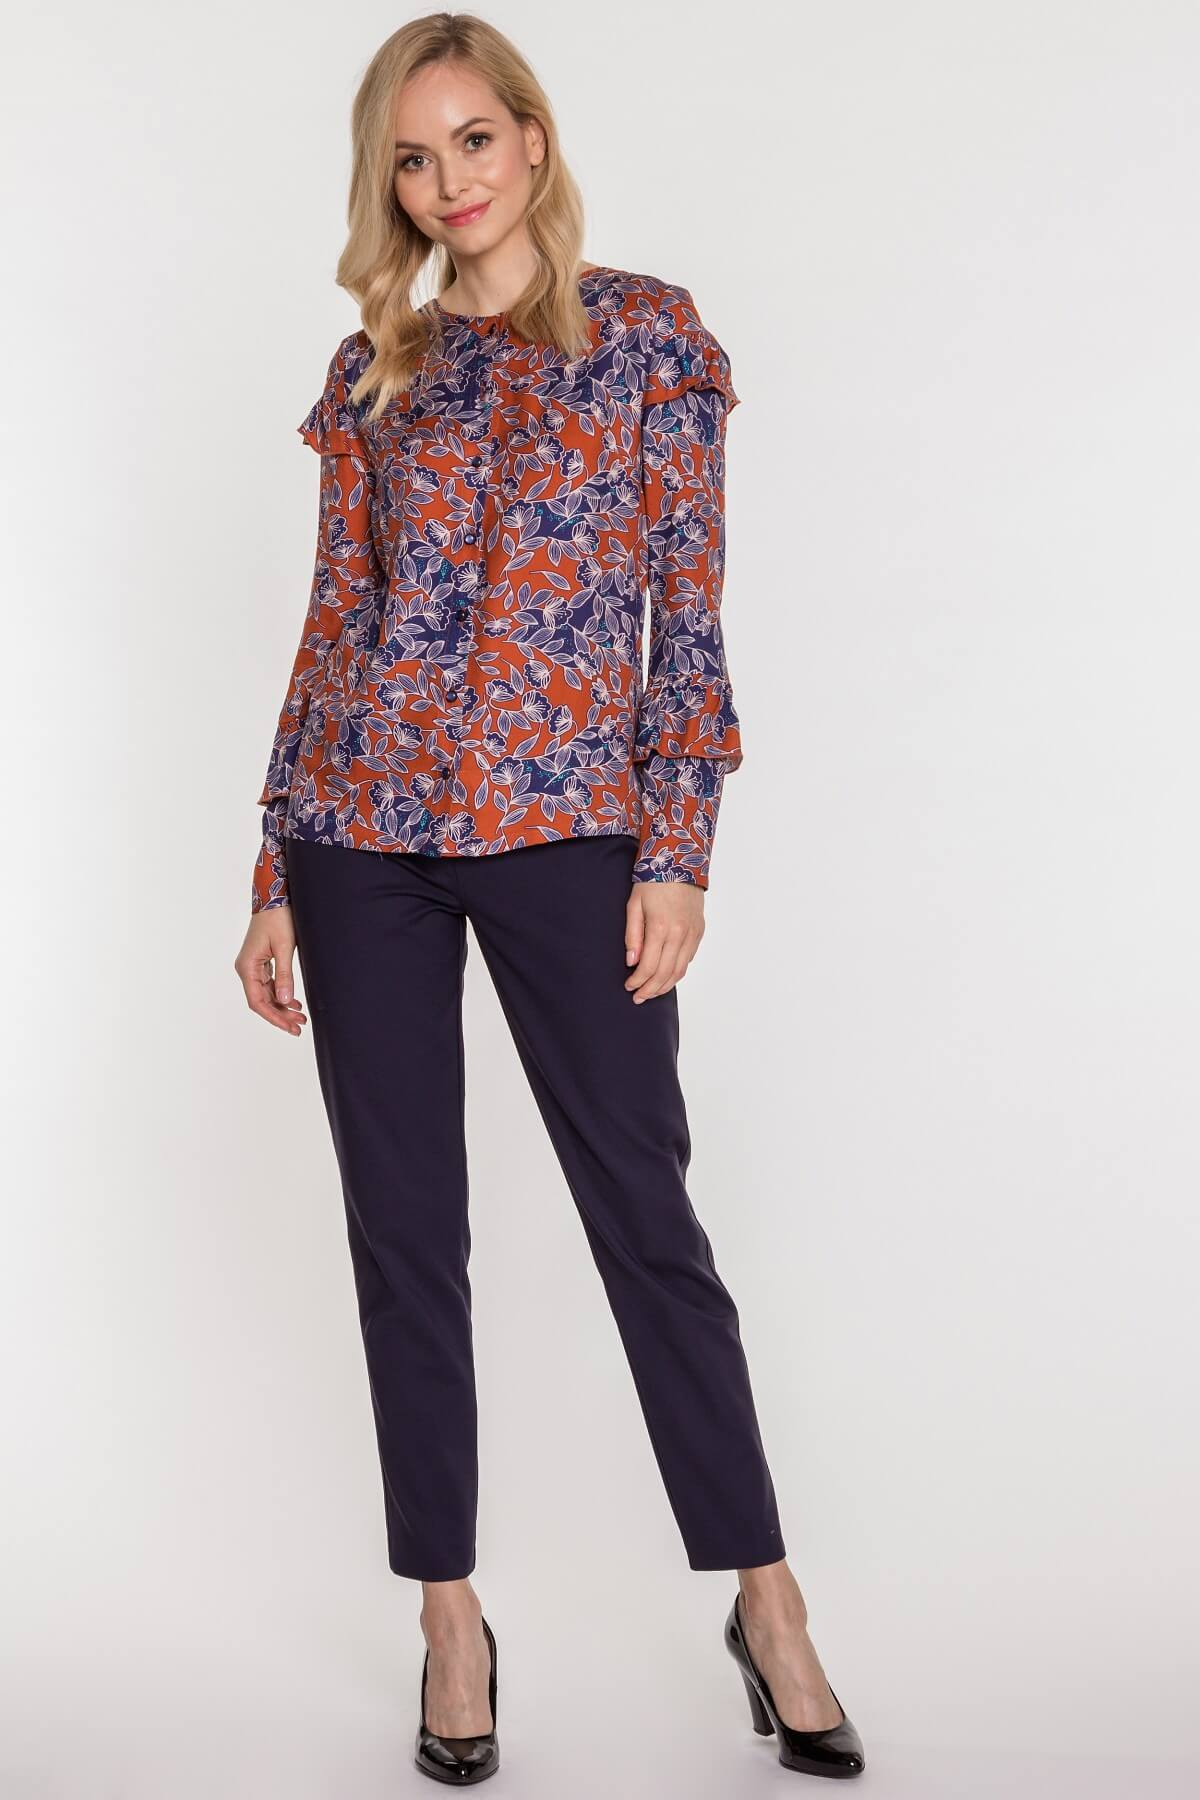 27ffa33f77 Zimowe stylizacje – modne kolory na zimę - Blog o modzie